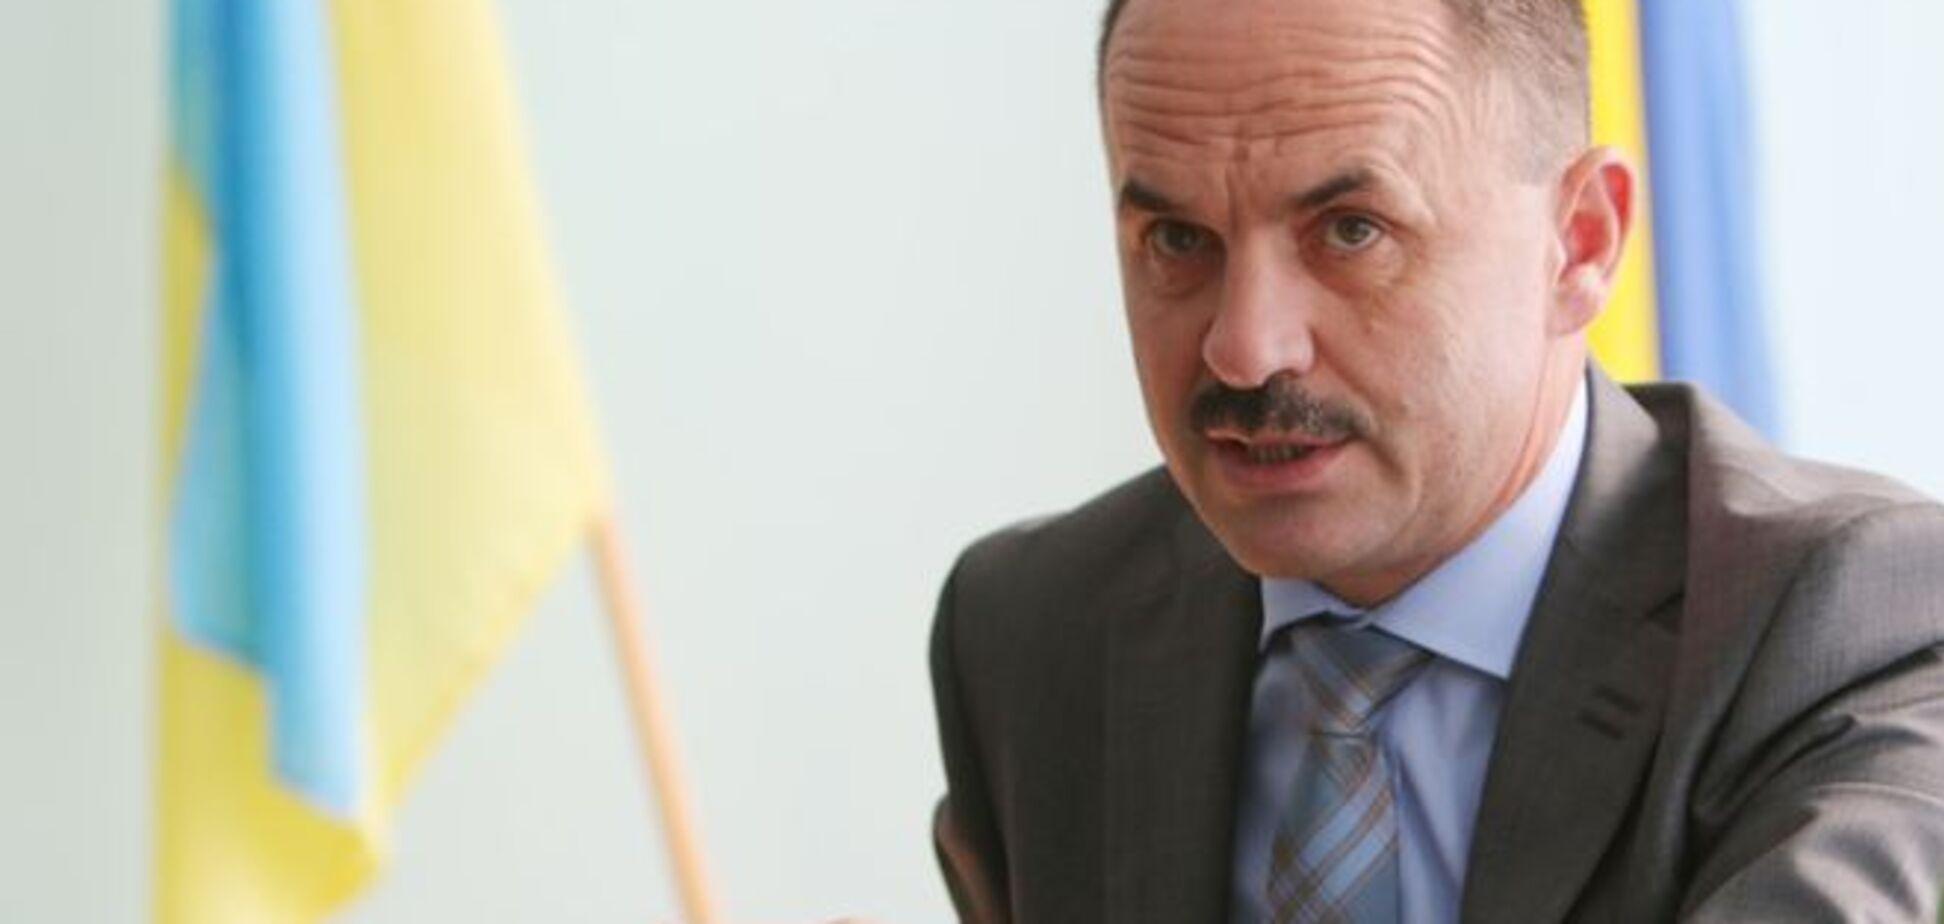 Губернатор Закарпаття зробив заяву щодо введення в області надзвичайного стану